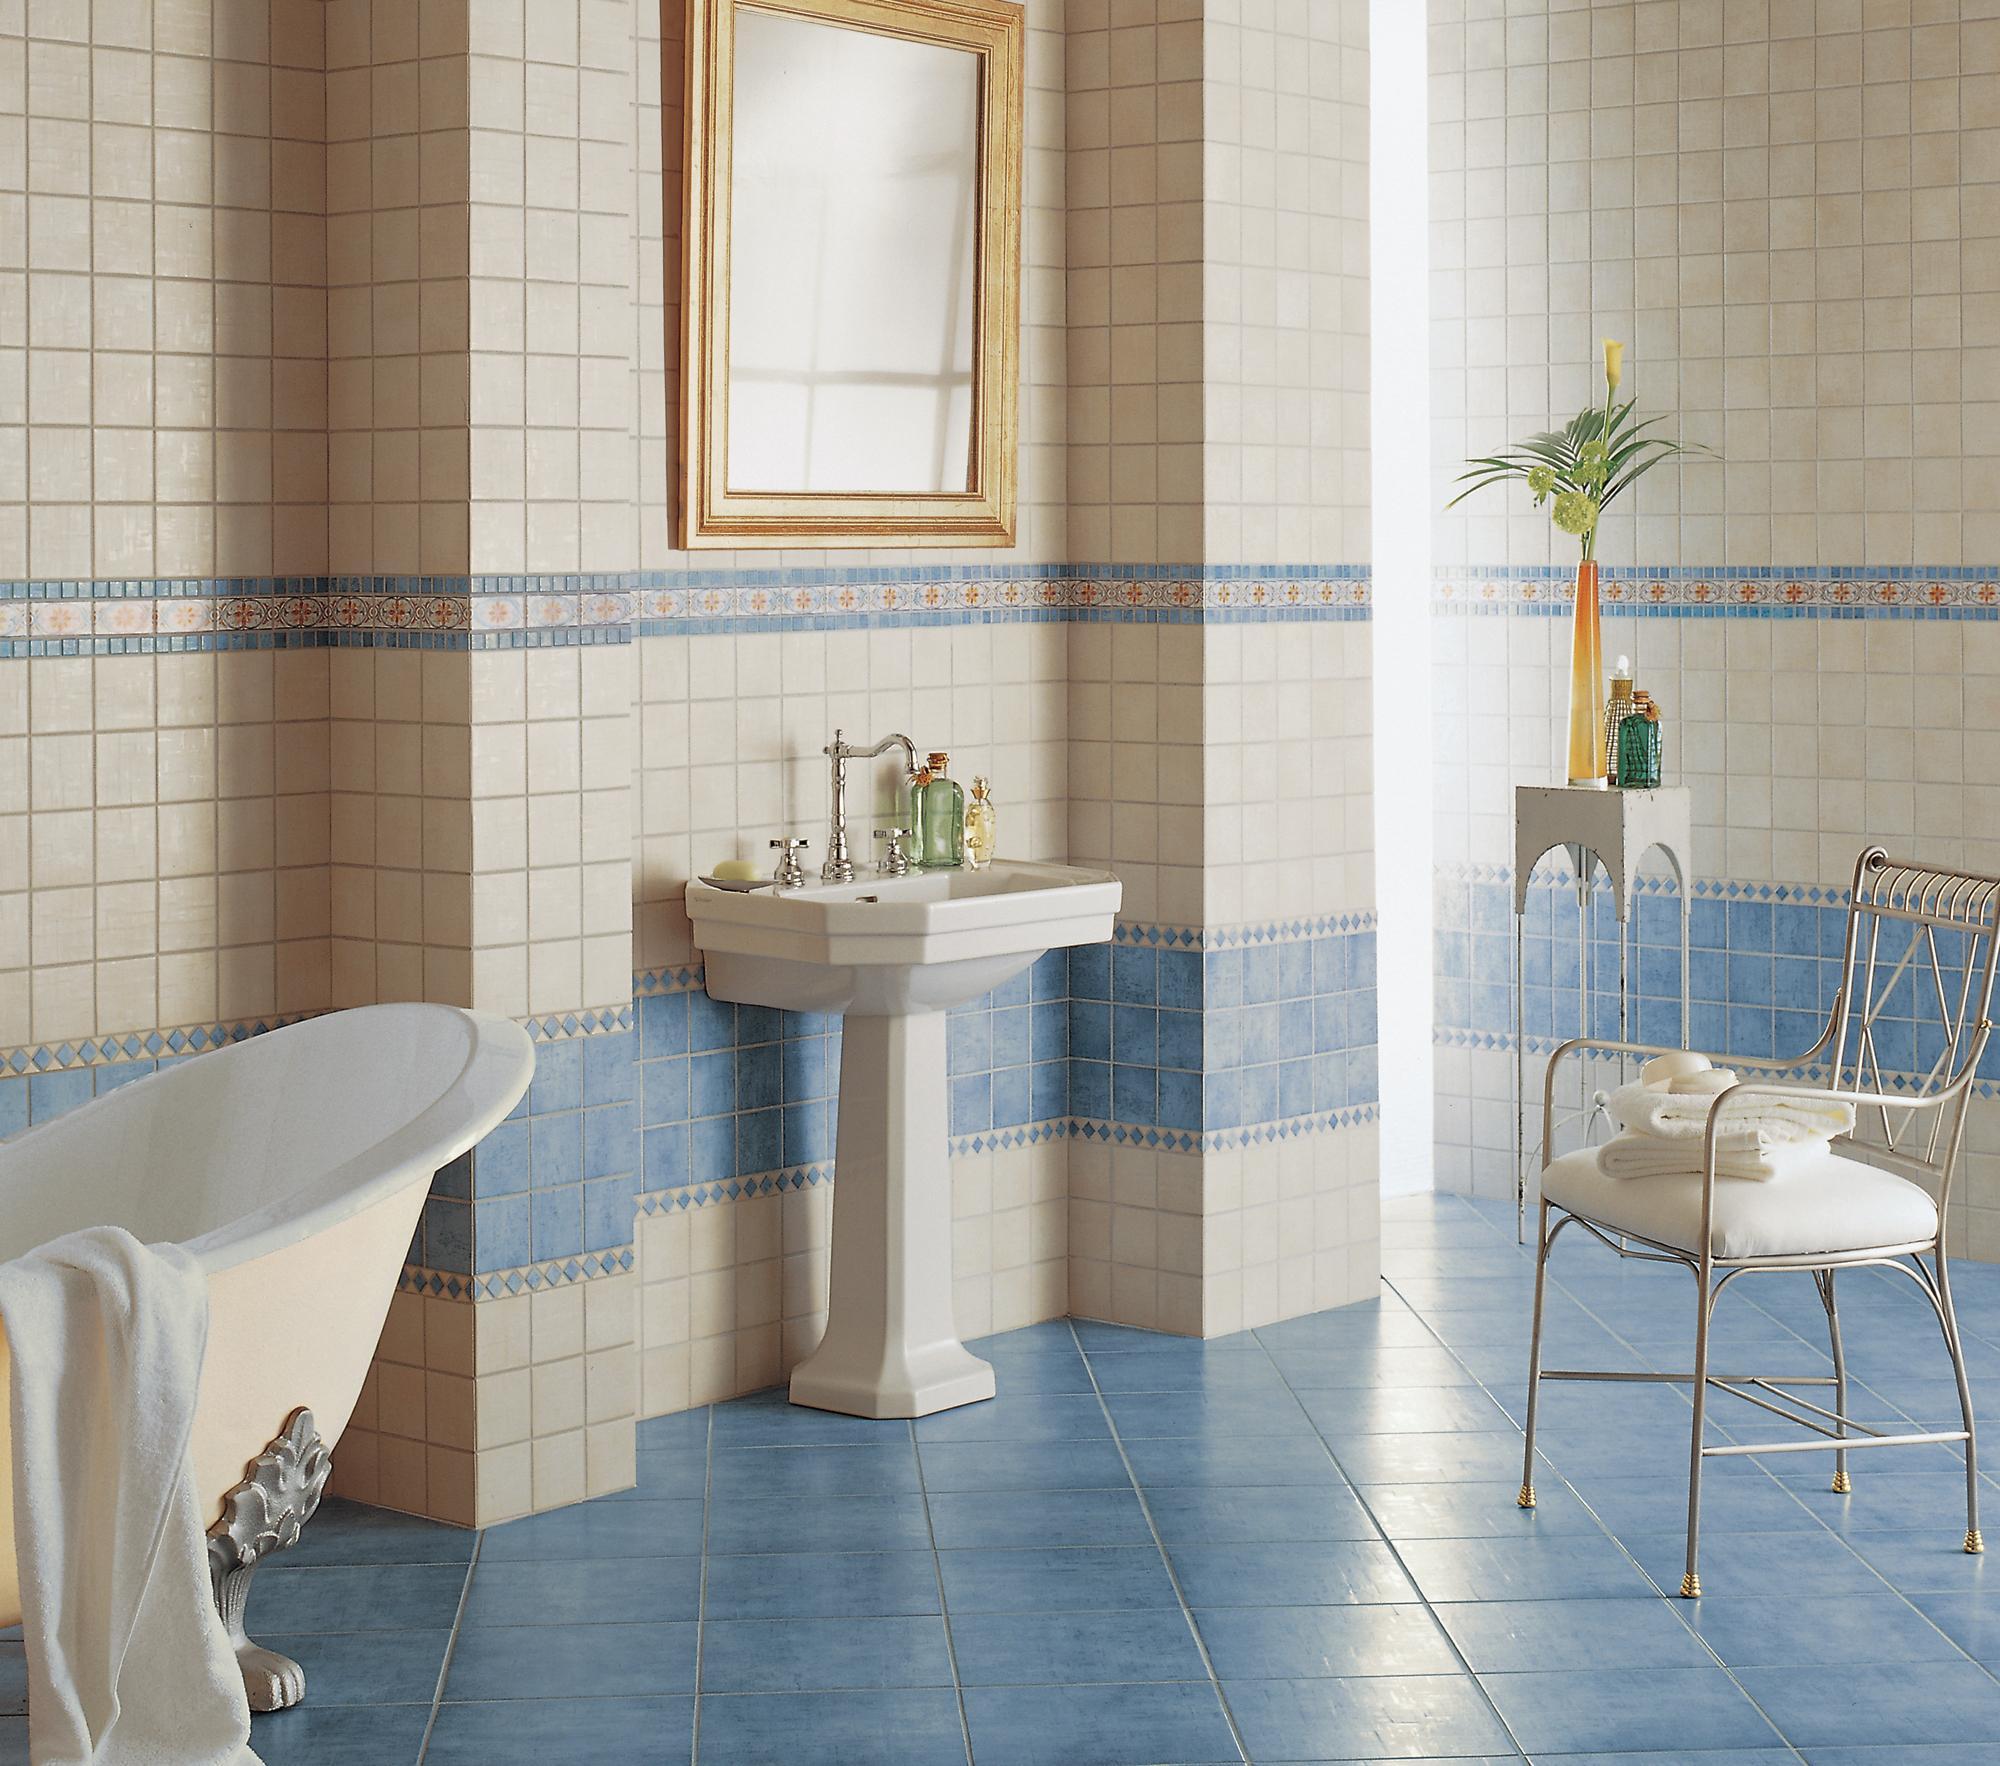 Badezimmerfliesen In Taubenblau #beistelltisch #fliesen #badewanne  #mediterran #waschbecken #freistehendebadewanne #